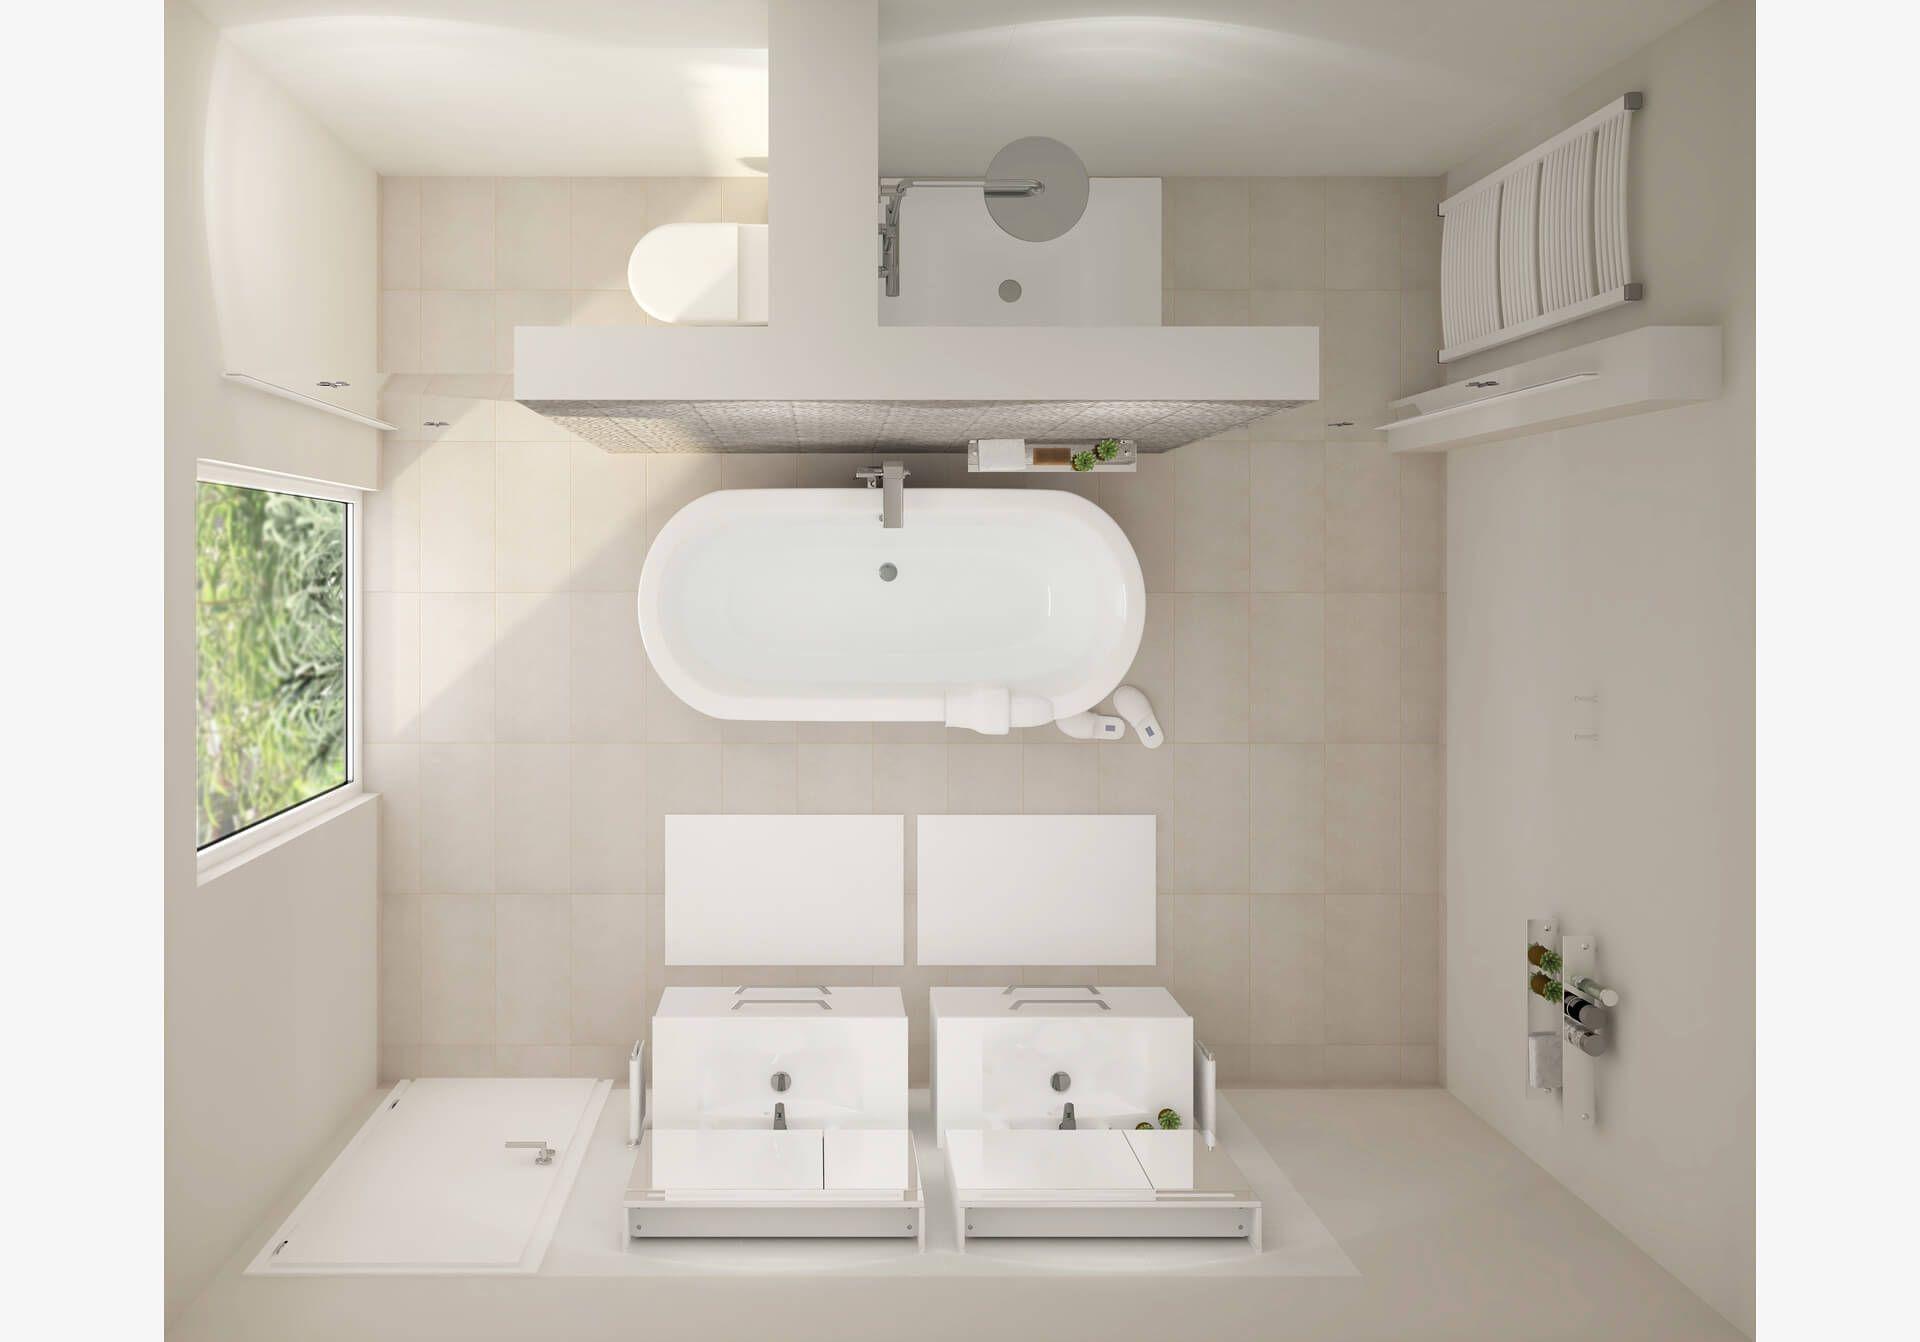 Badplaner Jetzt Badezimmer Planen Mit Obi In 2020 Helle Badezimmer Badezimmer Planen Badezimmer